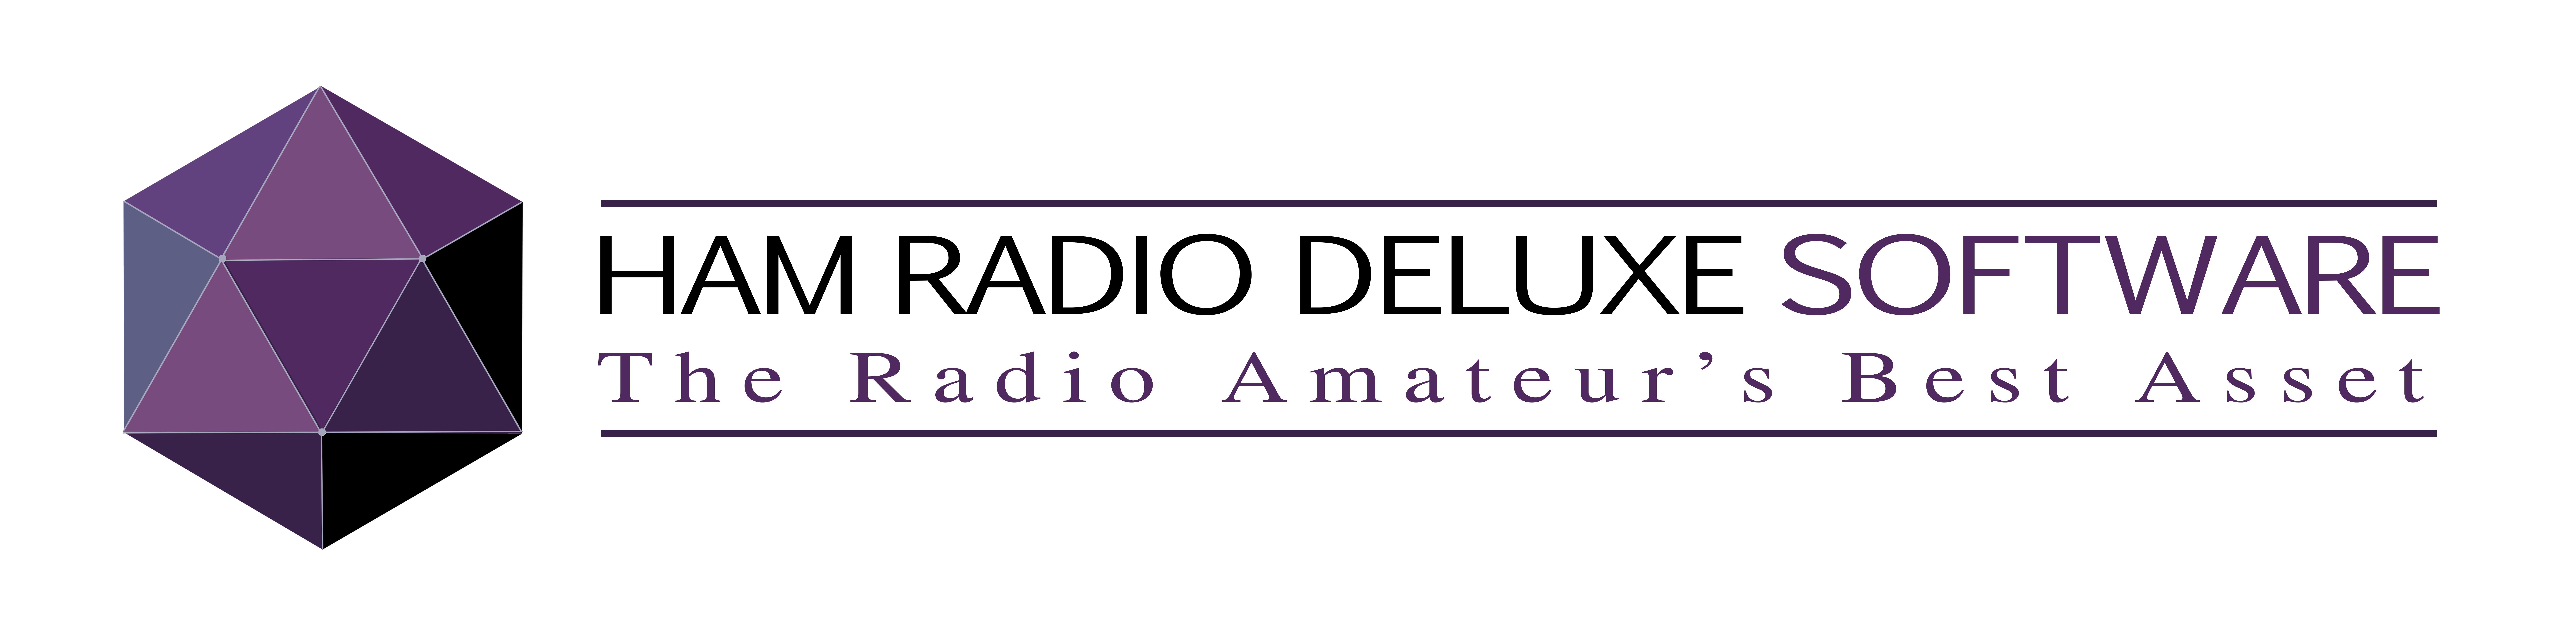 Pin By Ham Radio Deluxe On Hamradiodeluxe Ham Radio